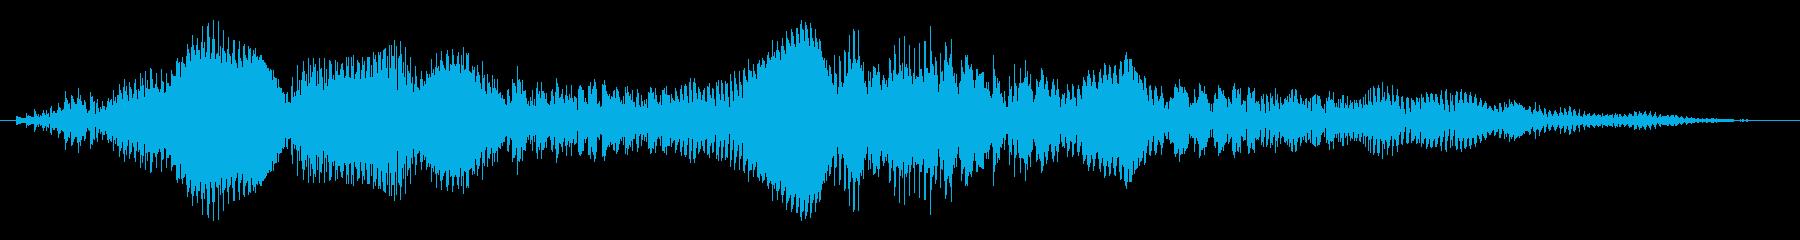 ベイビー:ハッピーノイズとクース。の再生済みの波形